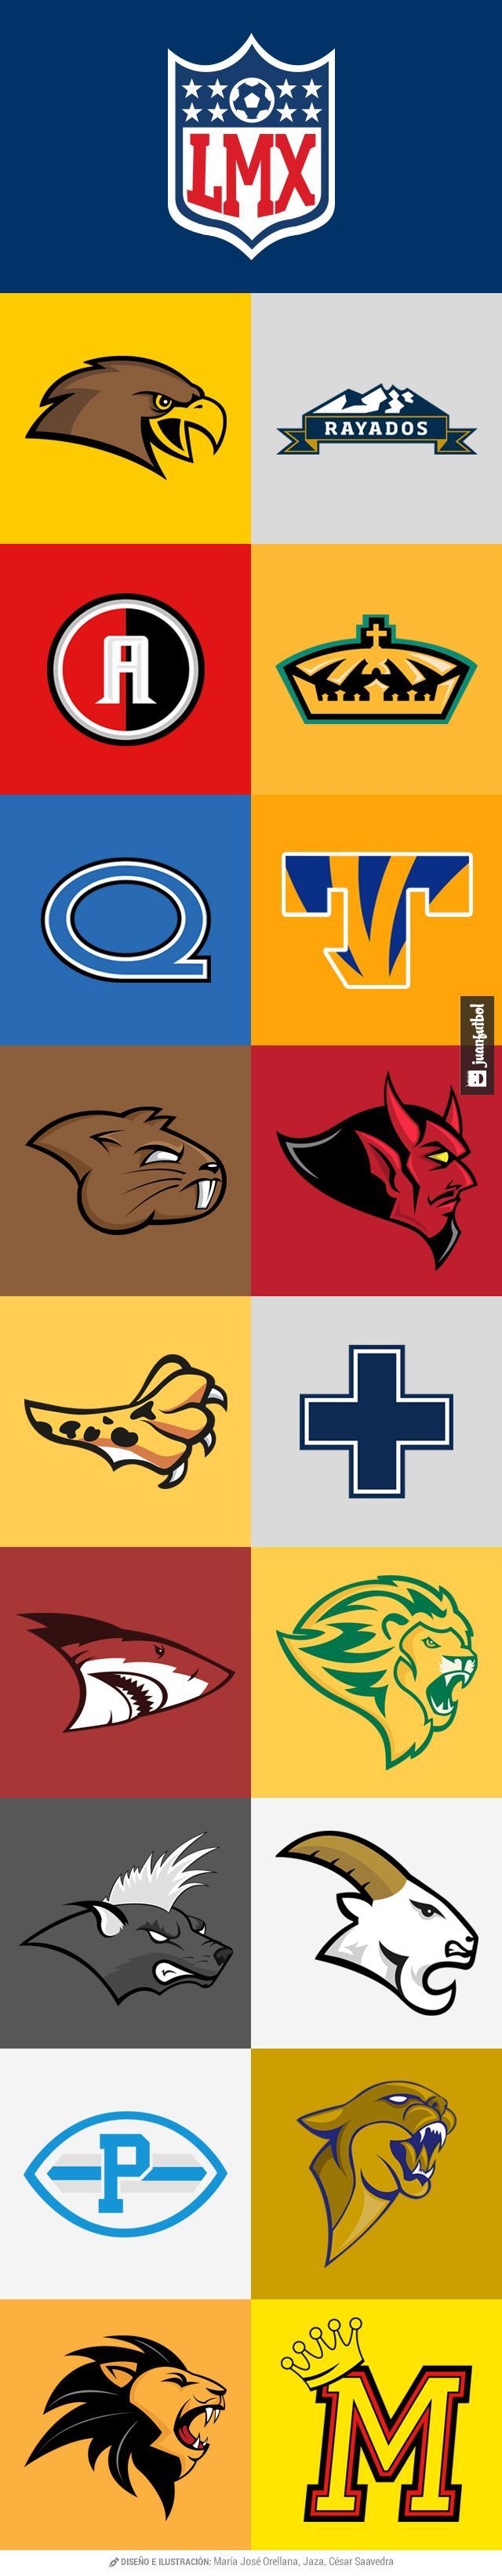 Logos de la Liga MX al estilo NFL